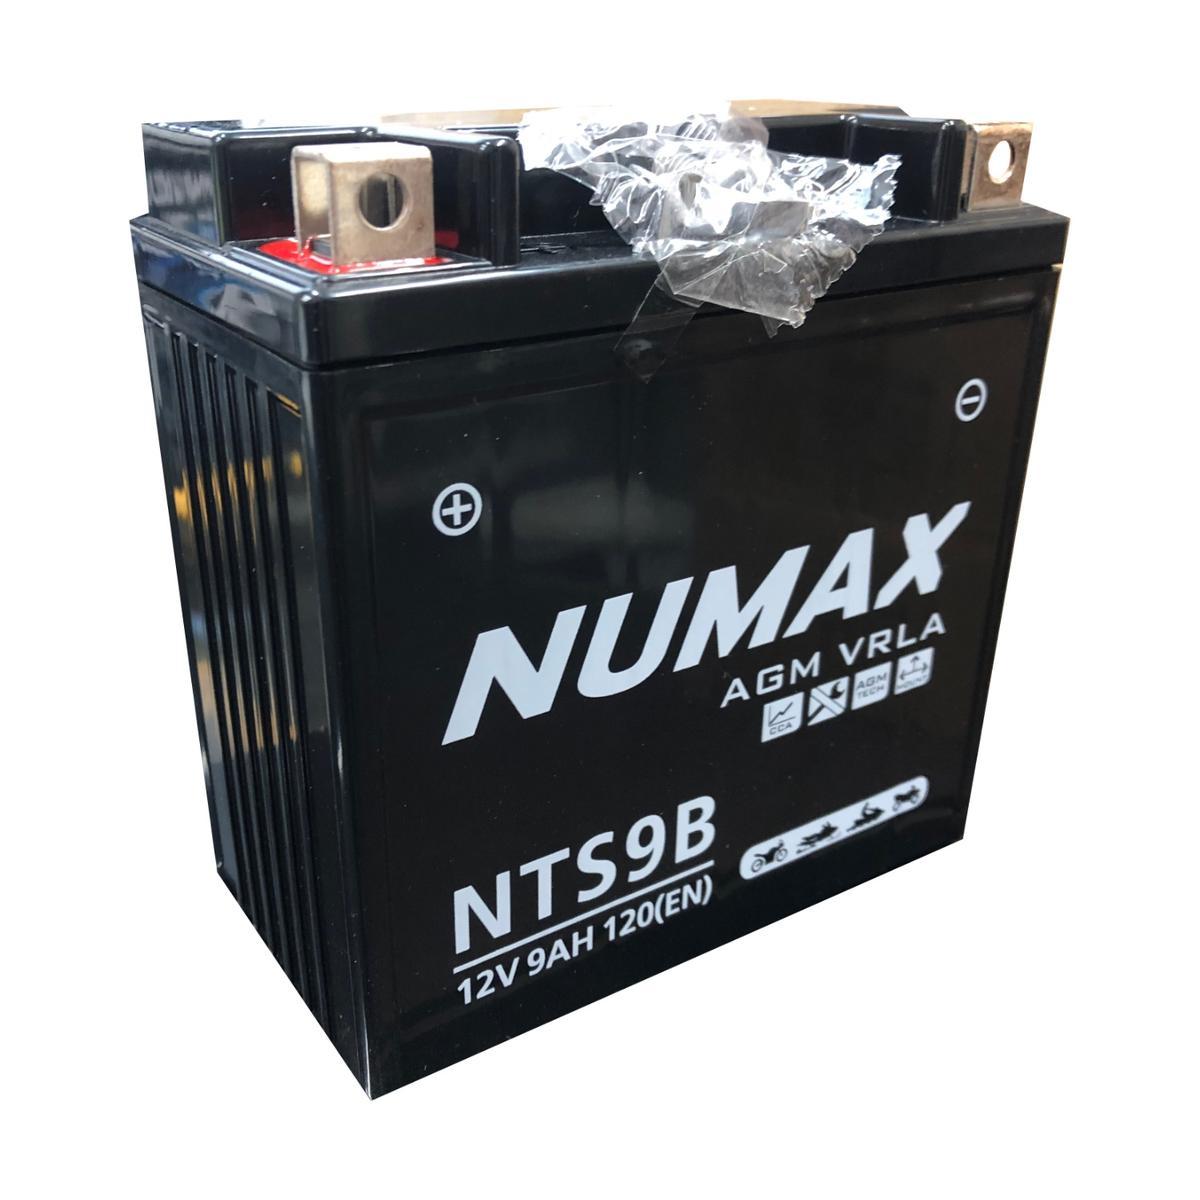 Numax NTS9B 12v Bike Motorbike Motorcycle Battery VESPA 125cc Hexagon YB9L-B